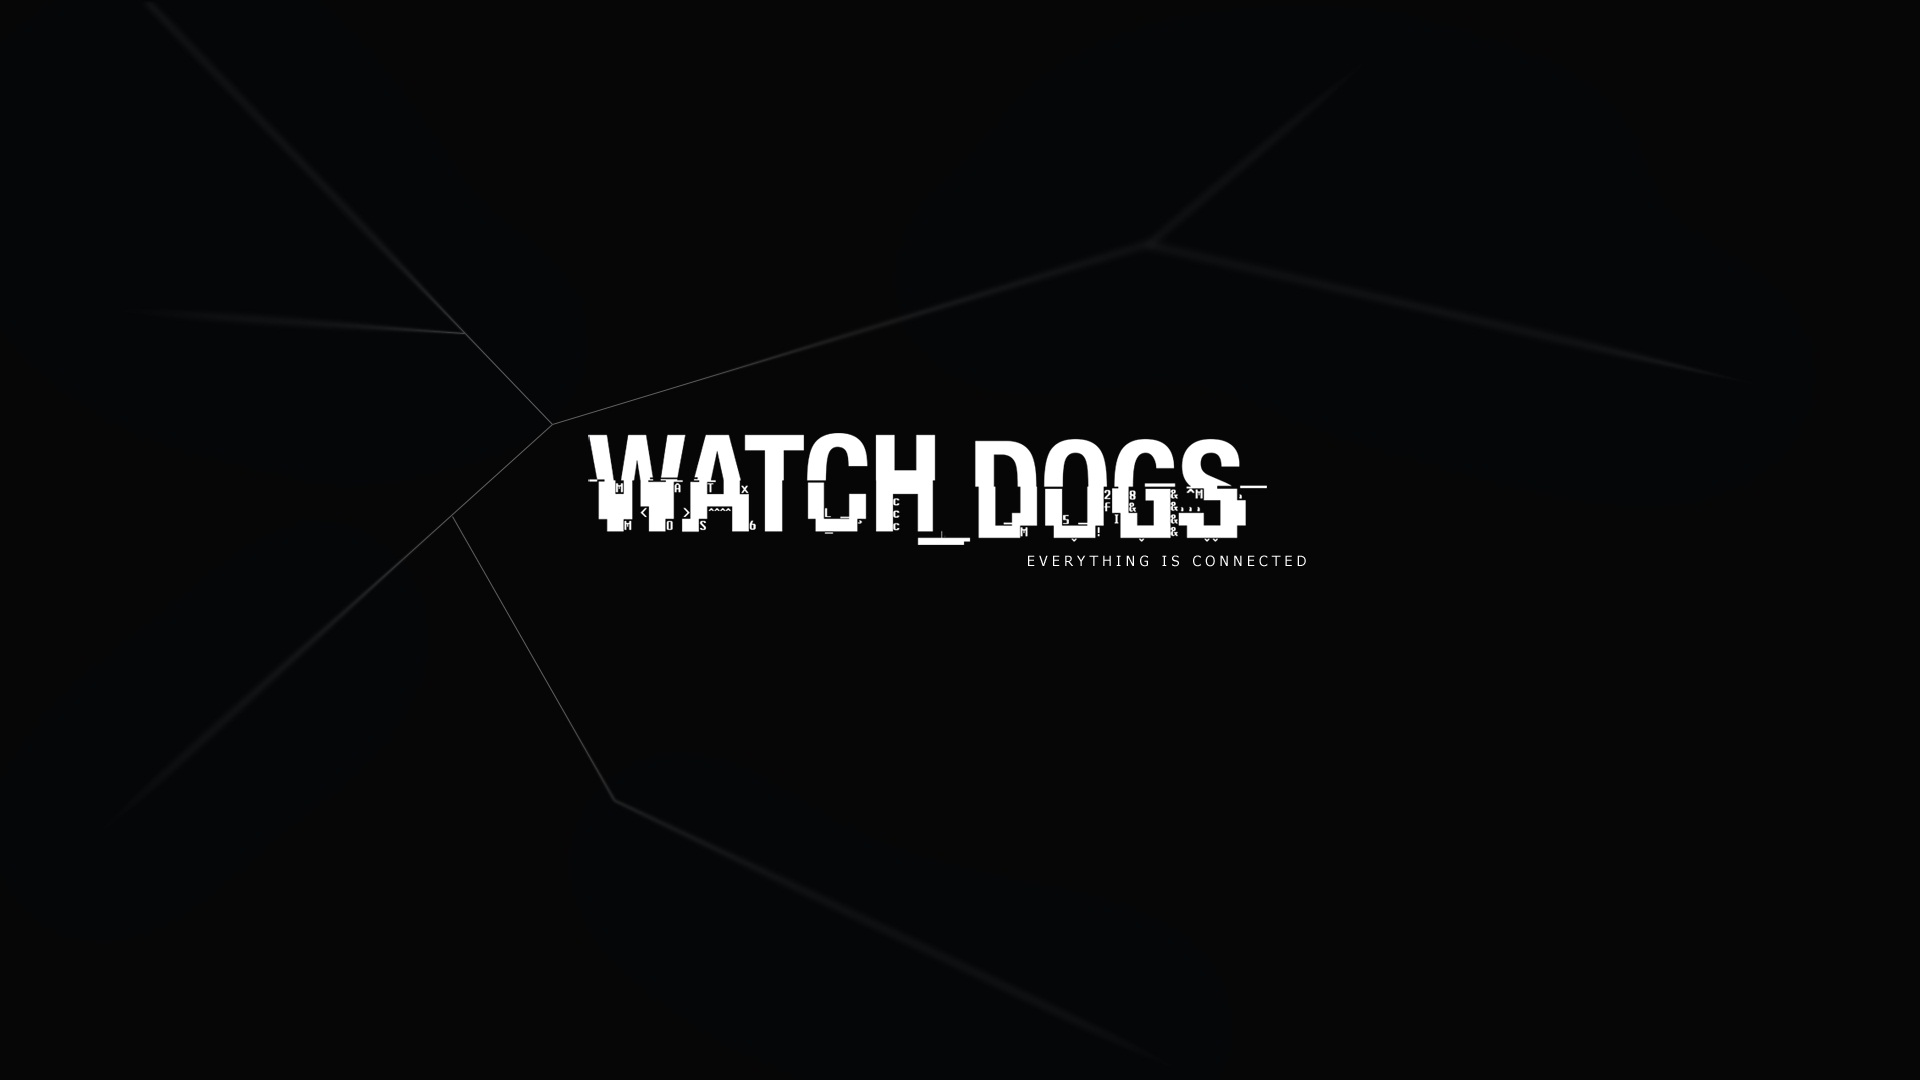 Watch Dogs wallpaper 2